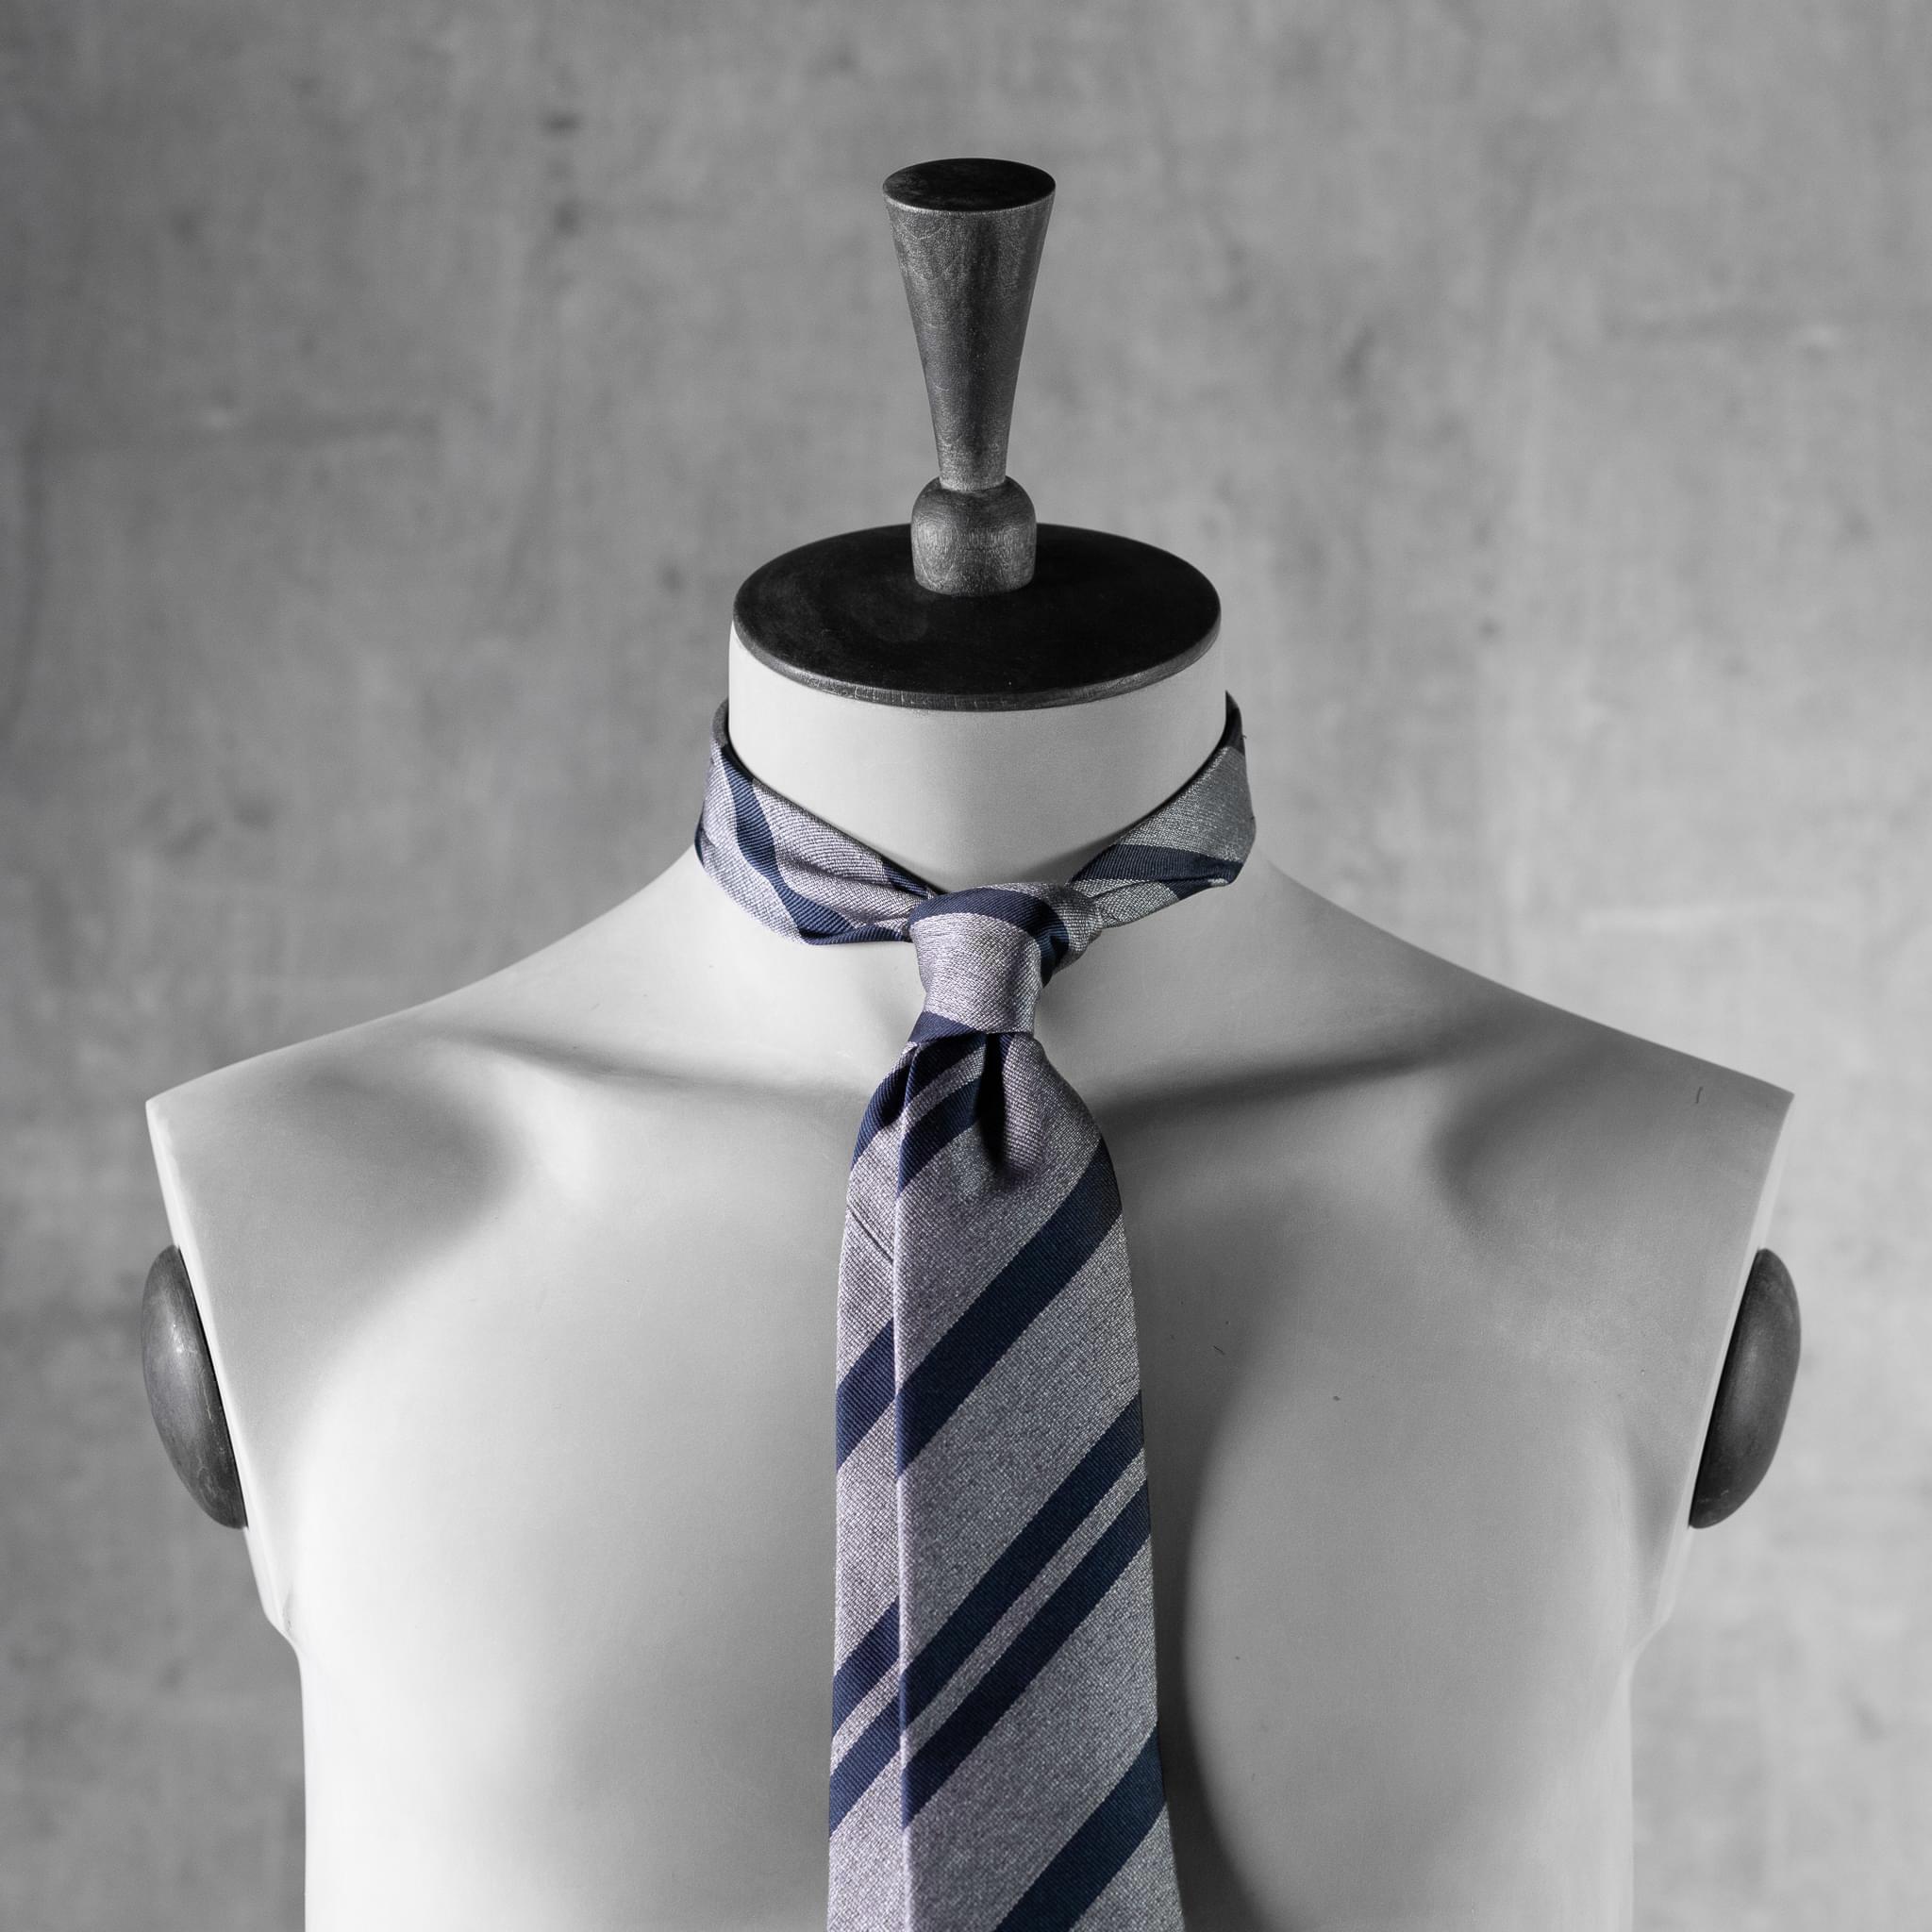 JACQUARD-0542-Tie-Initials-Corbata-Iniciales-The-Seelk-3